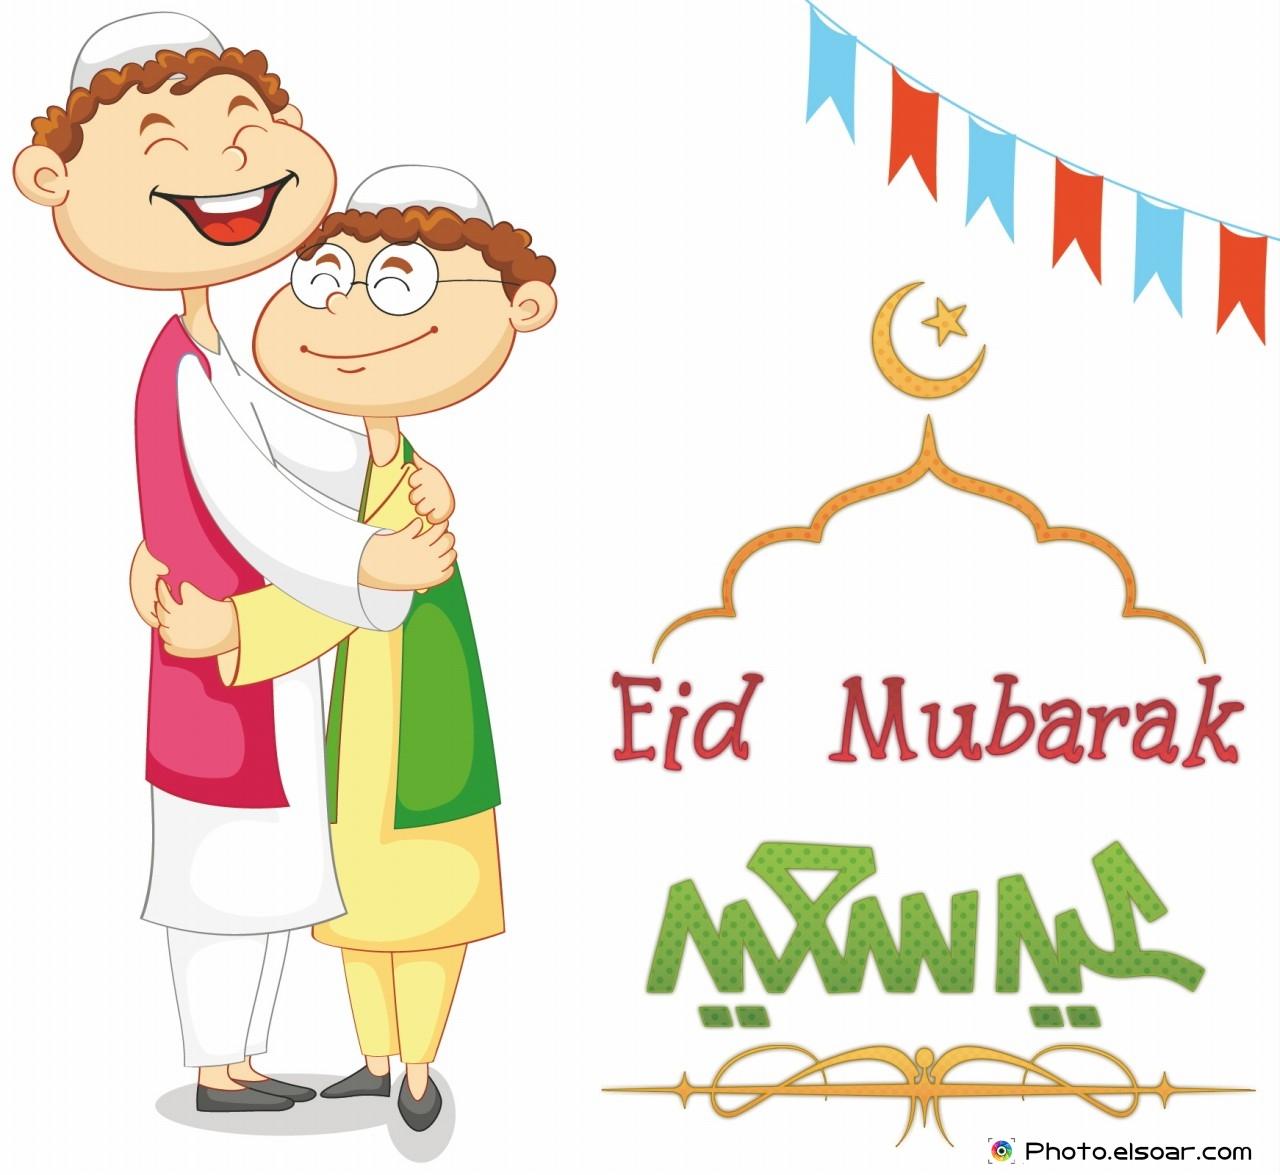 eid-mubarak-image